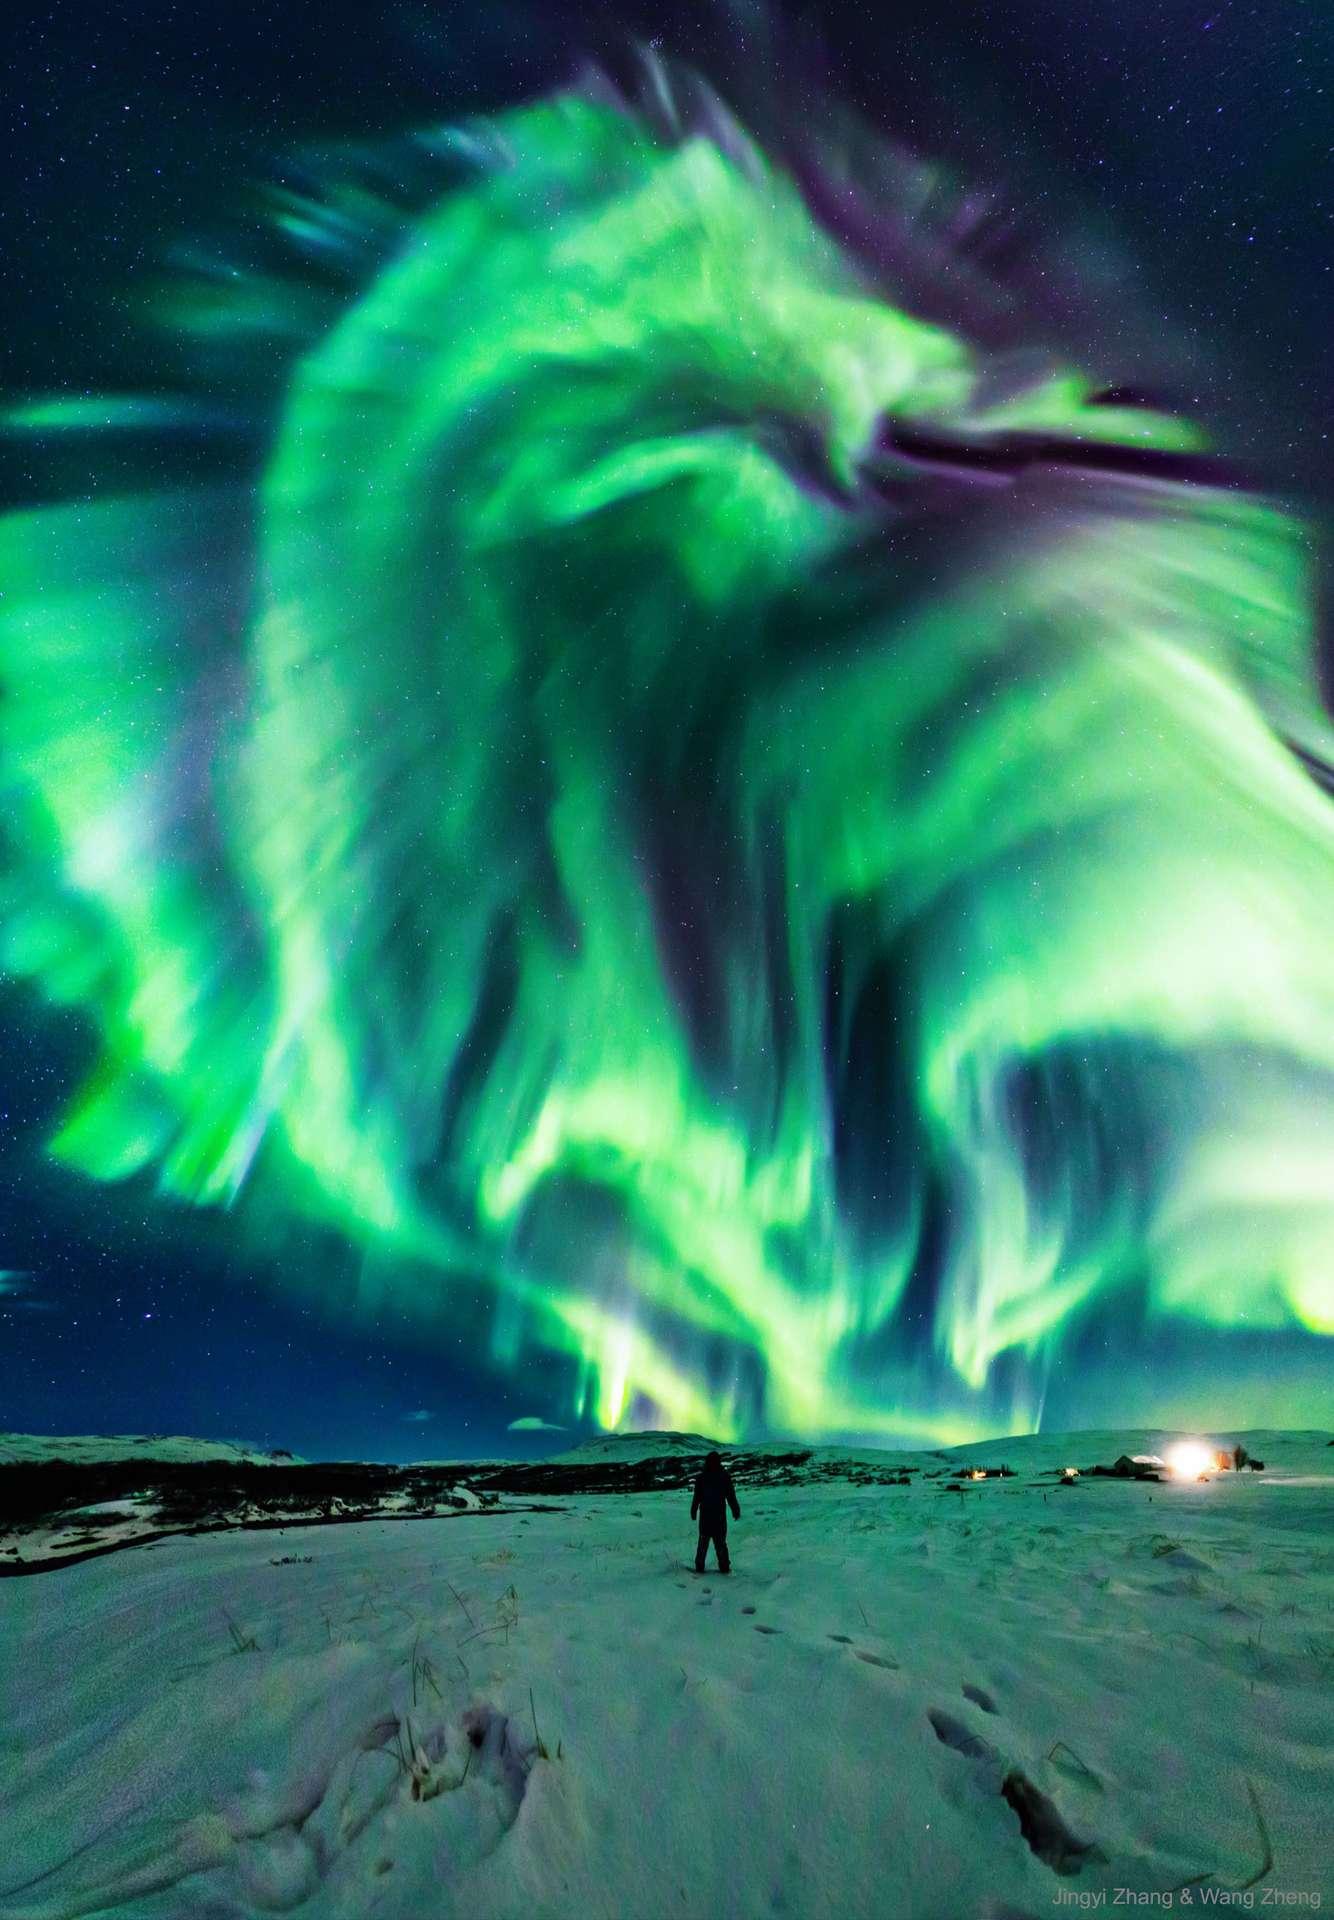 Une aurore boréale en forme de dragon surprise dans le ciel d'Islande. © Jingyi Zhang & Wang Zheng, APOD